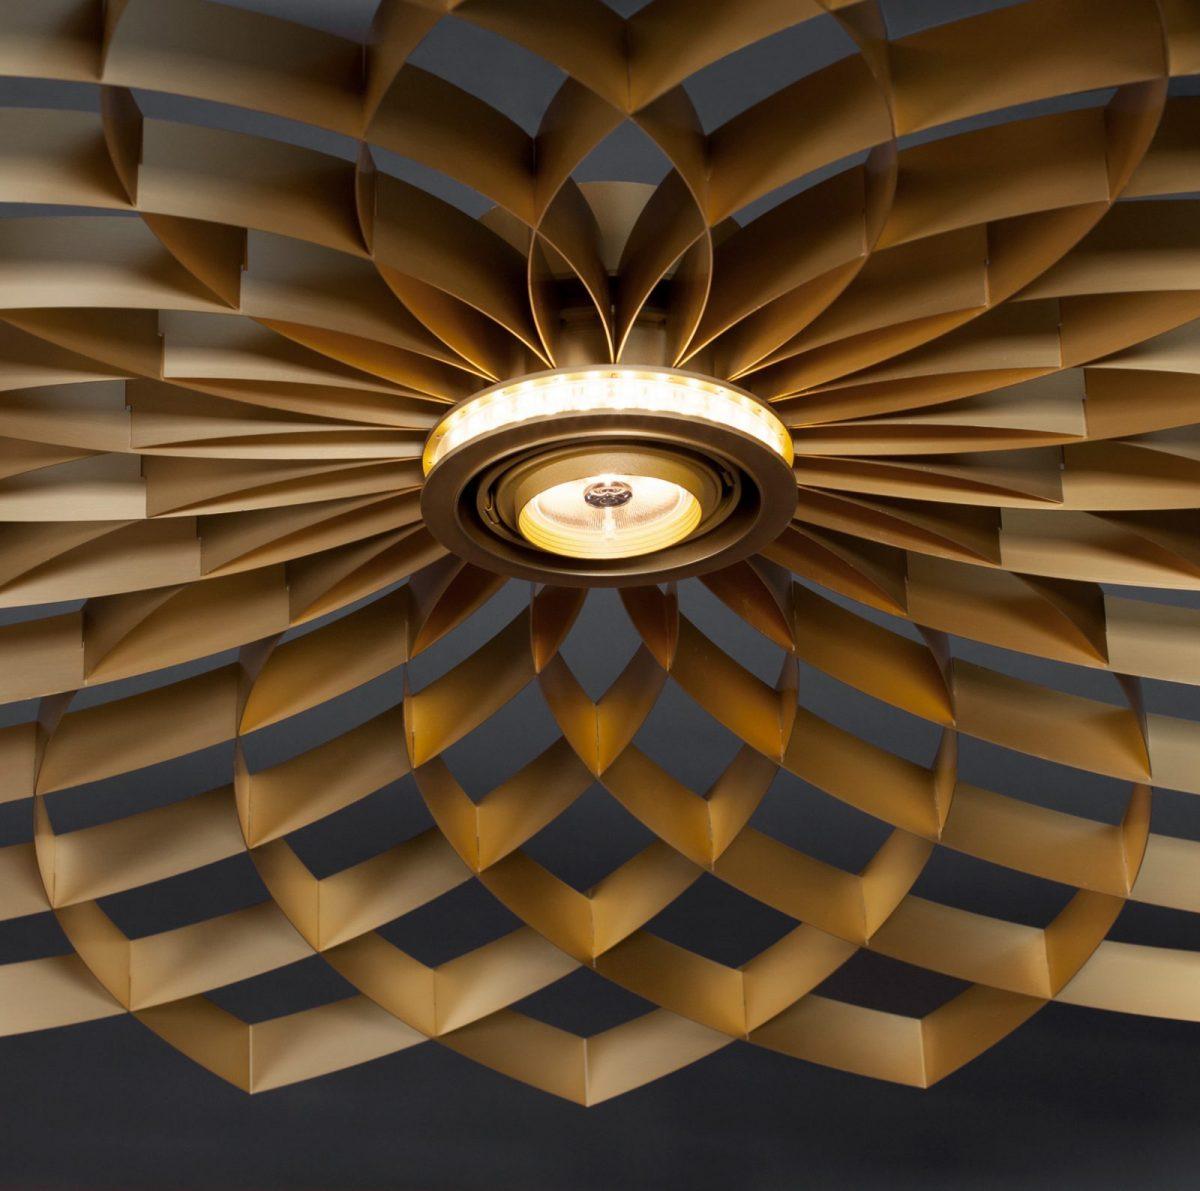 JSPR Dahlia Lamp Goud Exclusieve Projectverlichting Design